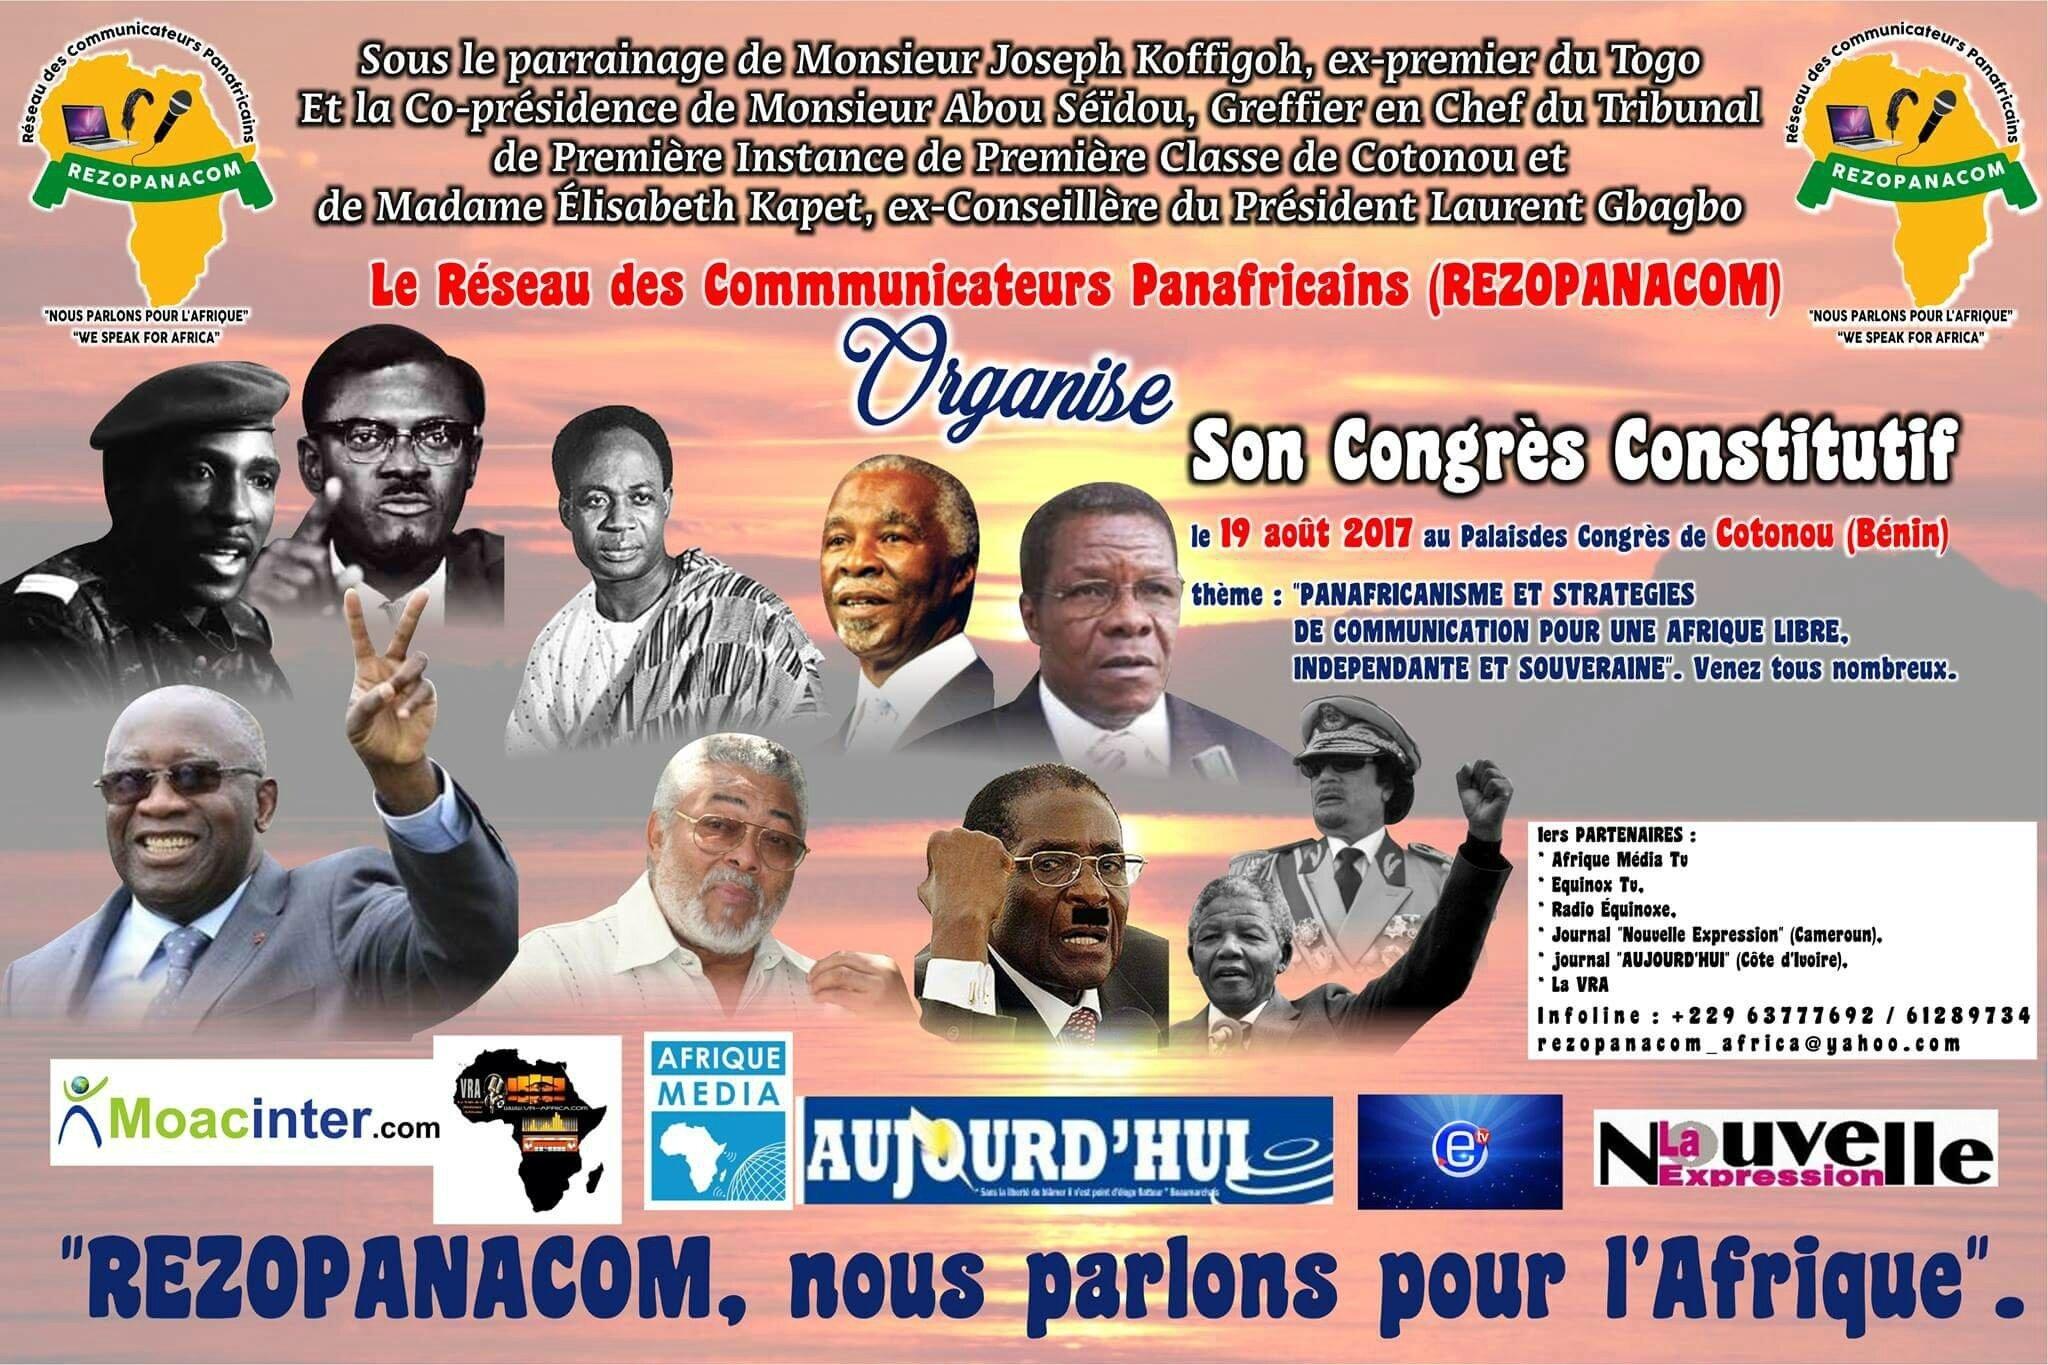 LE RÉSEAU DES COMMUNICATEURS PANAFRICAINS (RESOPANACOM) ORGANISE SON CONGRES CONSTITUTIF,POUR UNE AFRIQUE DIGNE,INDÉPENDANTE